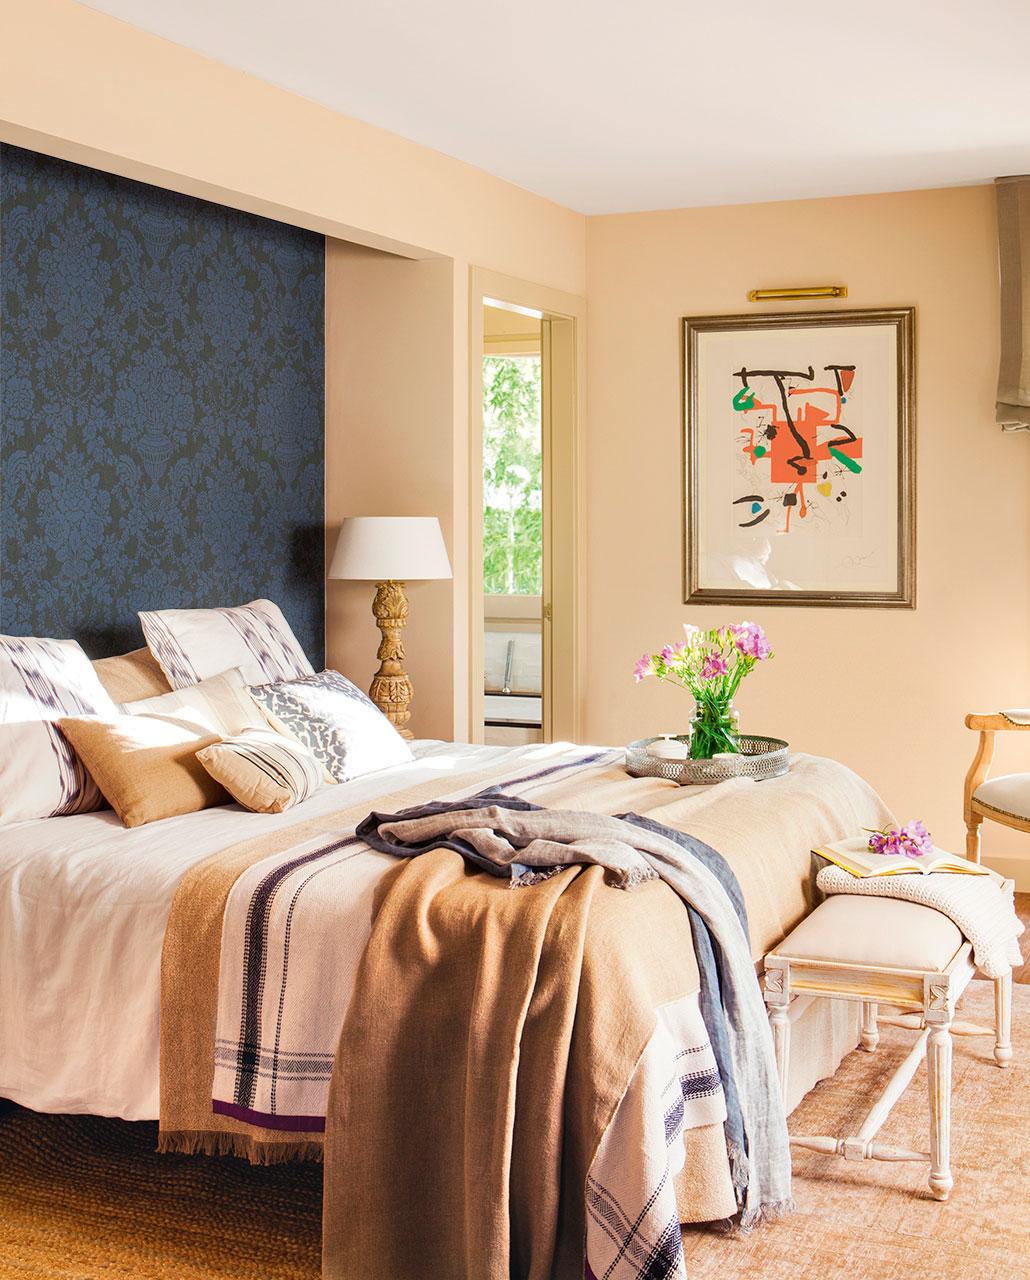 Dormitorios prcticos y elegantes